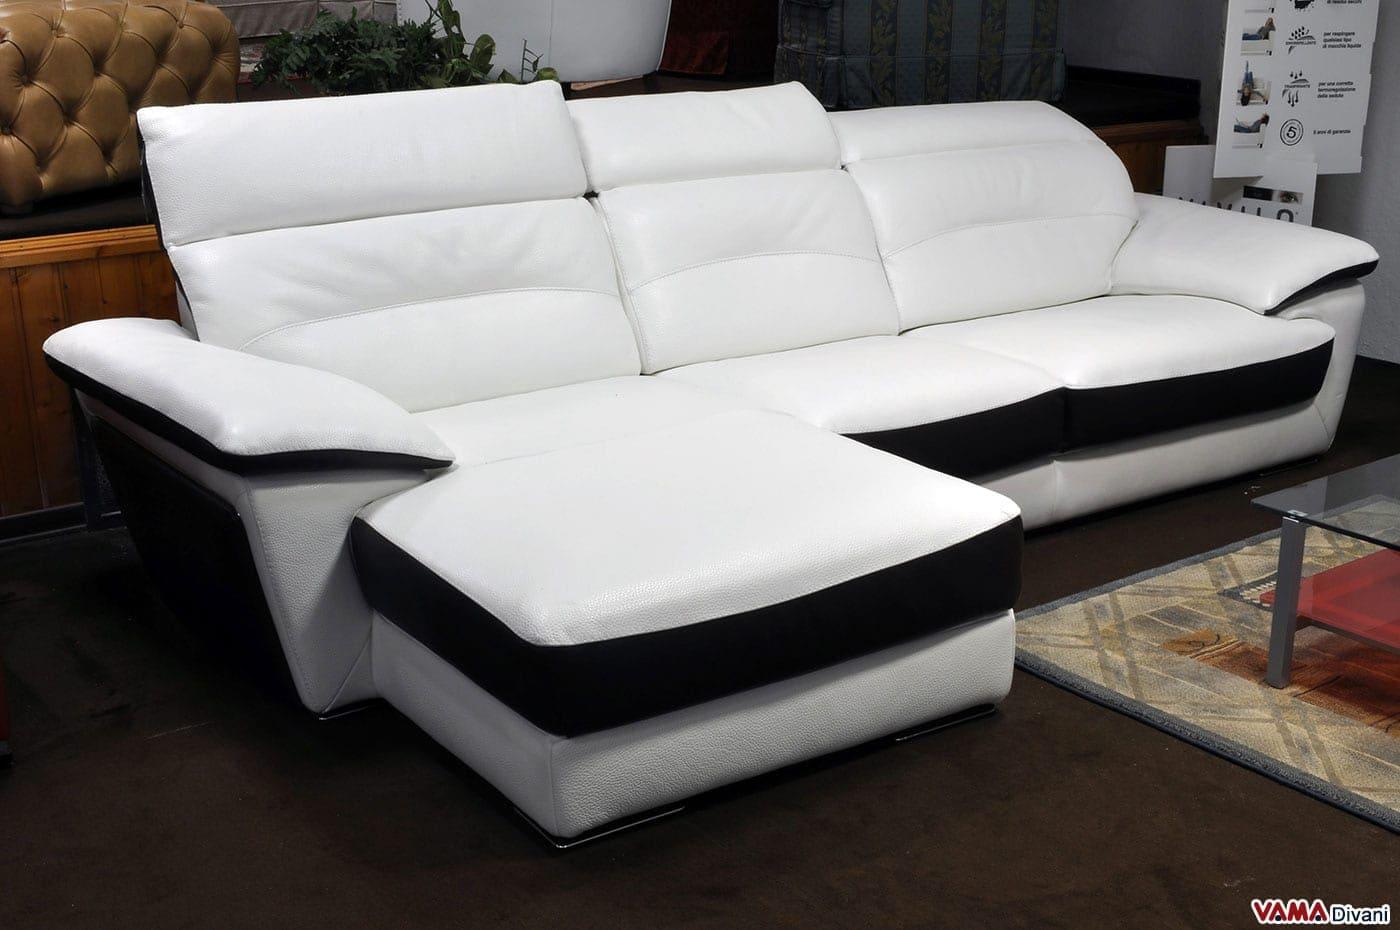 Divani letto in offerta a bologna design - Divano letto in pelle usato ...